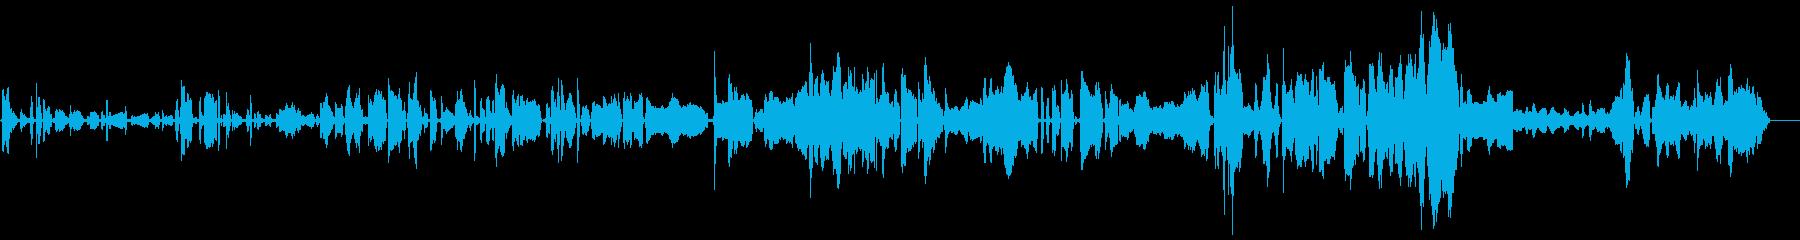 ゾンビのうめき声、独身女性2の再生済みの波形